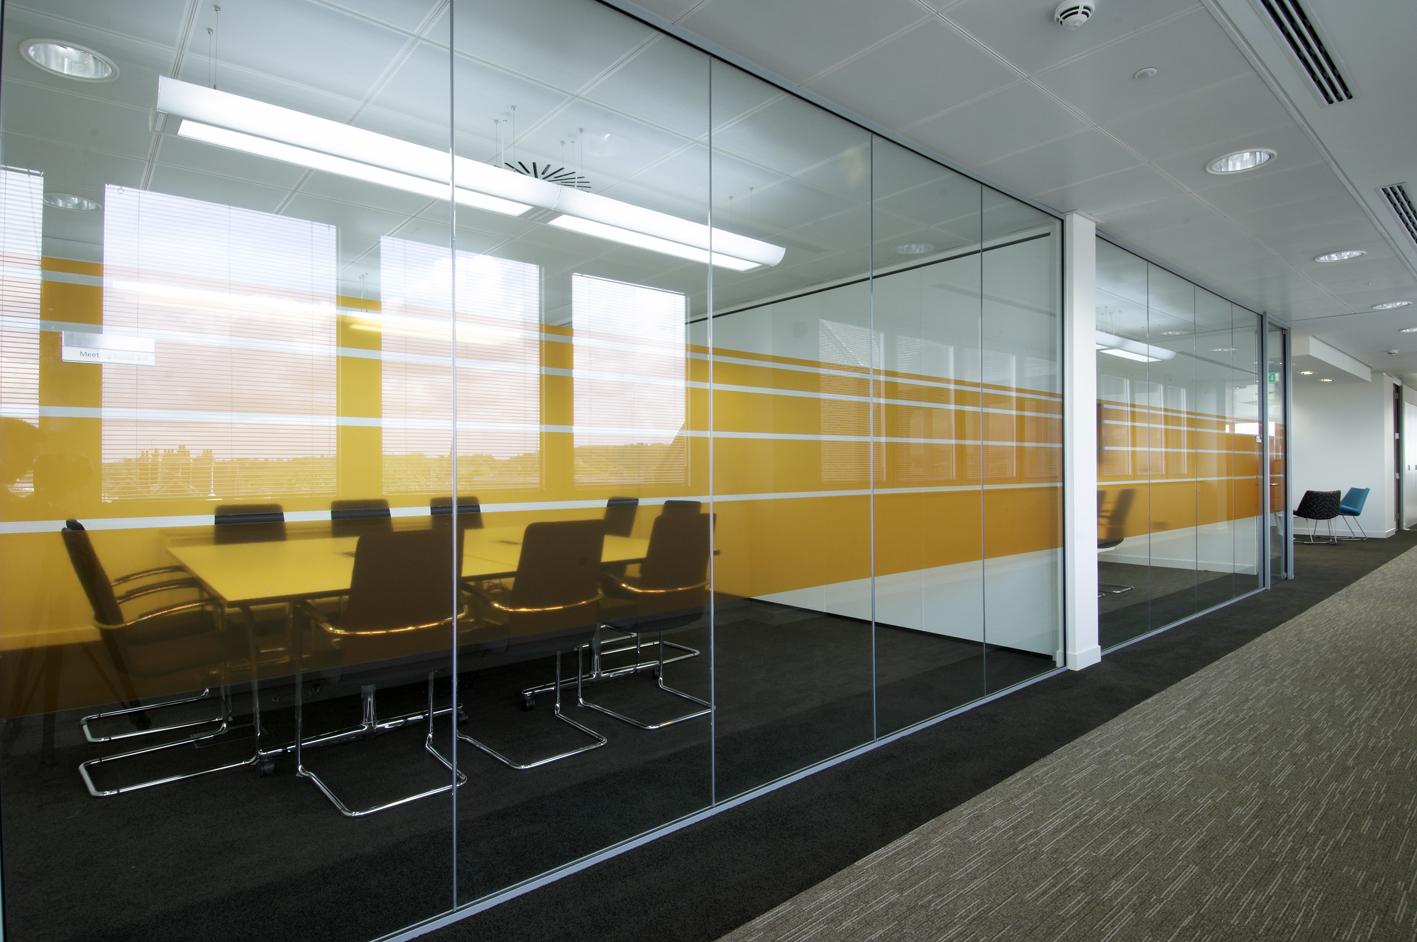 Logika 5000 - Frameless glazing with customised manifestations.